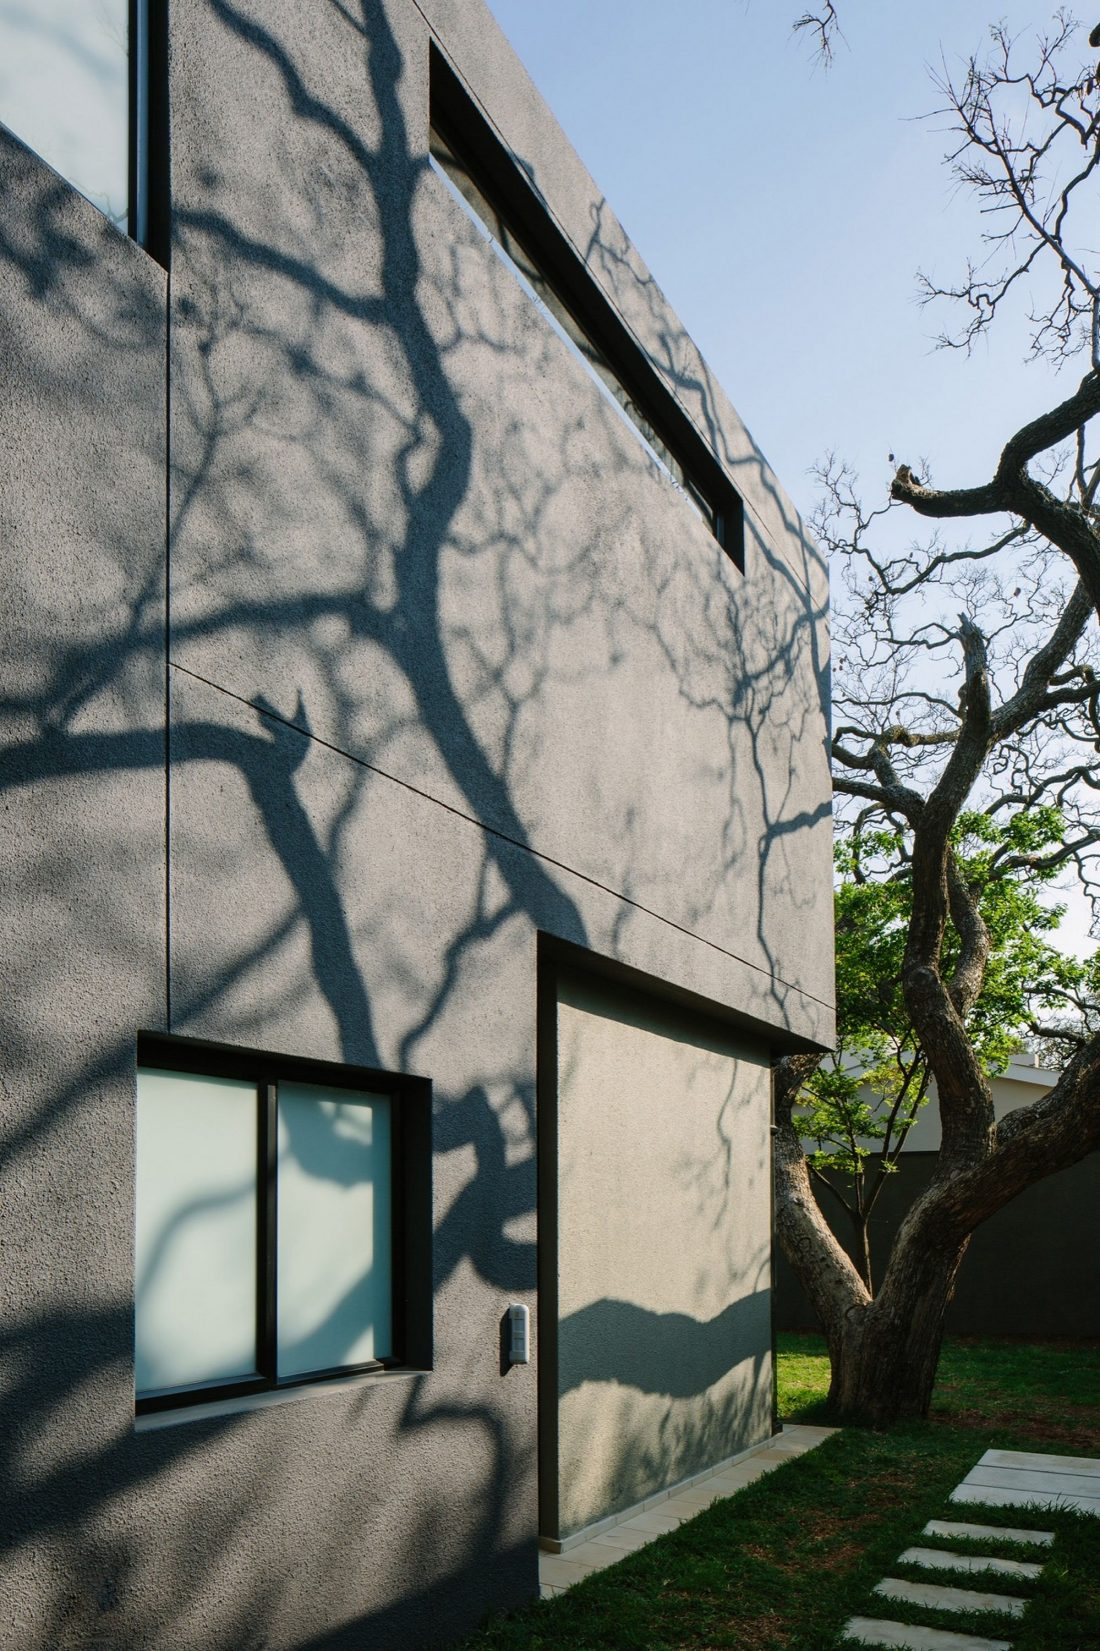 granitnyj-dom-komfortnoe-zhile-vysokaya-energoeffektivnost-5